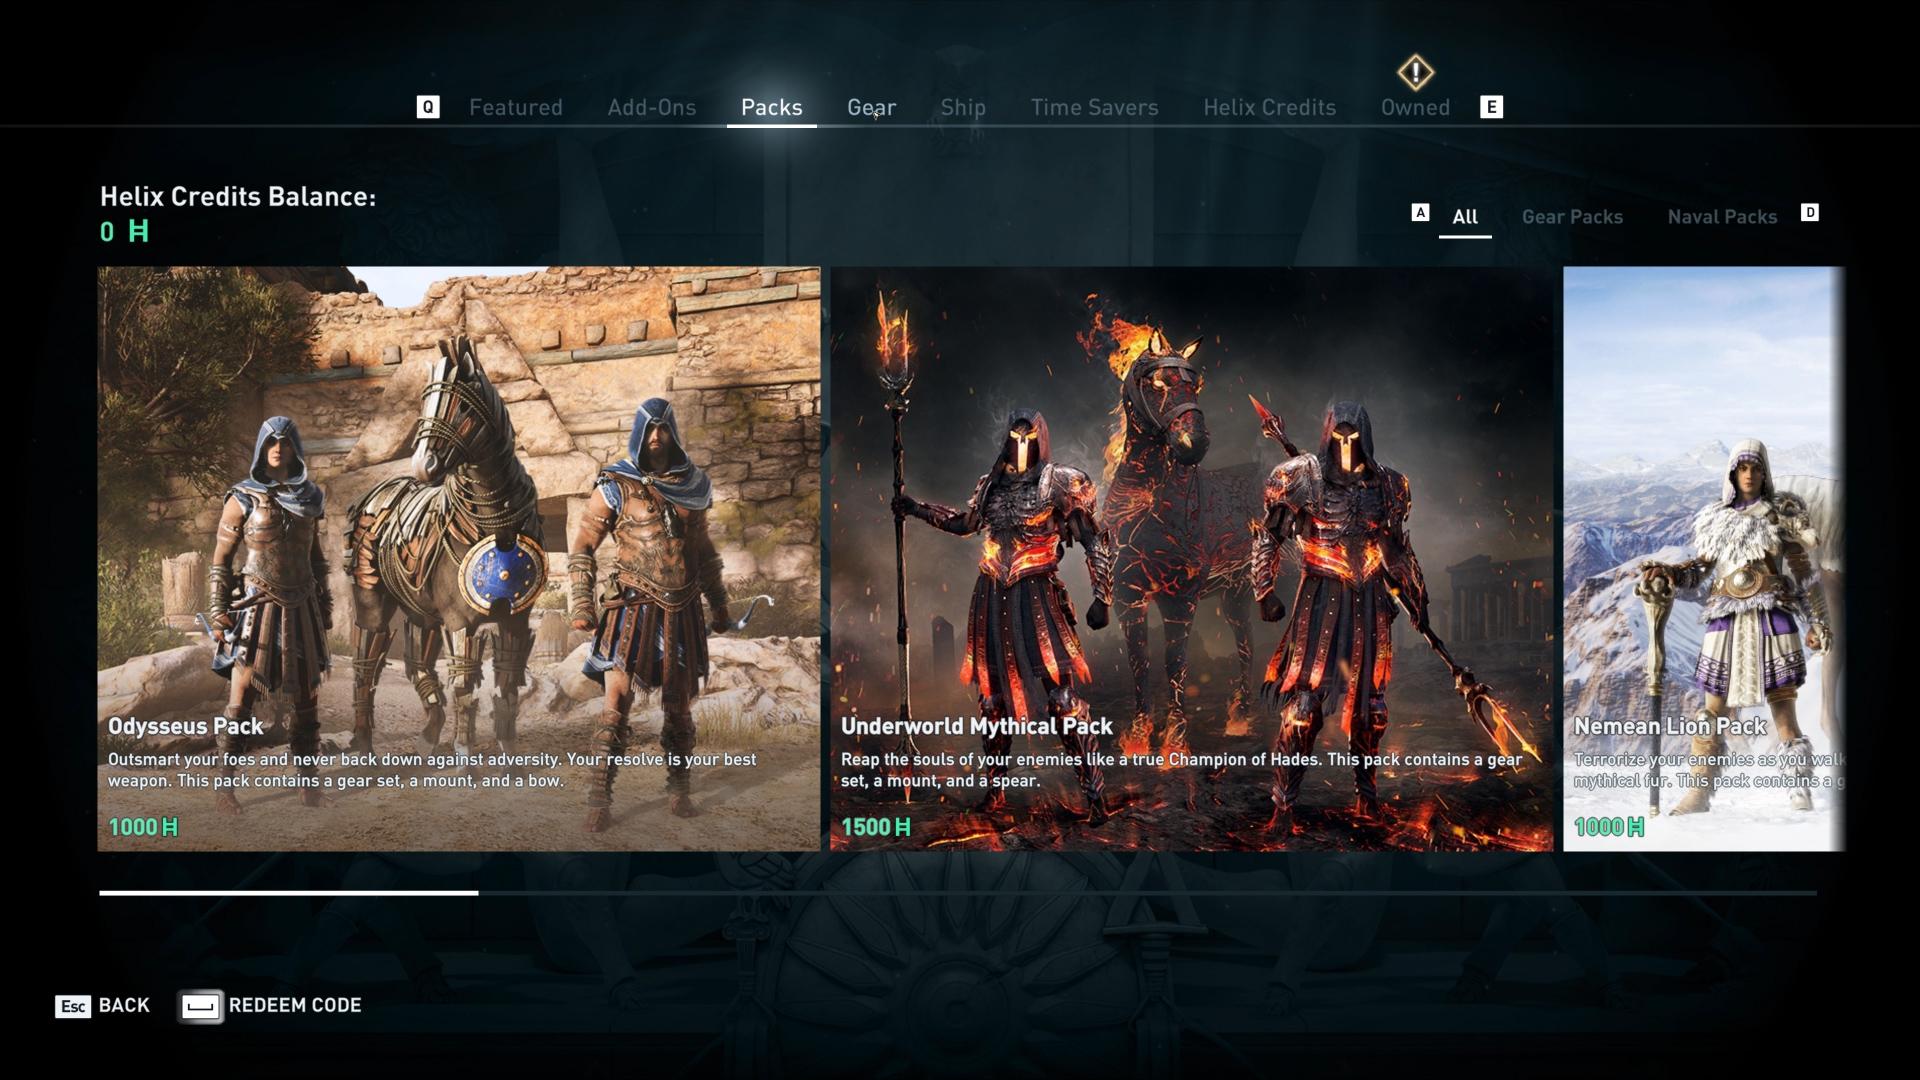 Assassin's Creed  Odyssey 2018.11.27 - 19.17.03.01.00_01_12_06.Still006.jpg